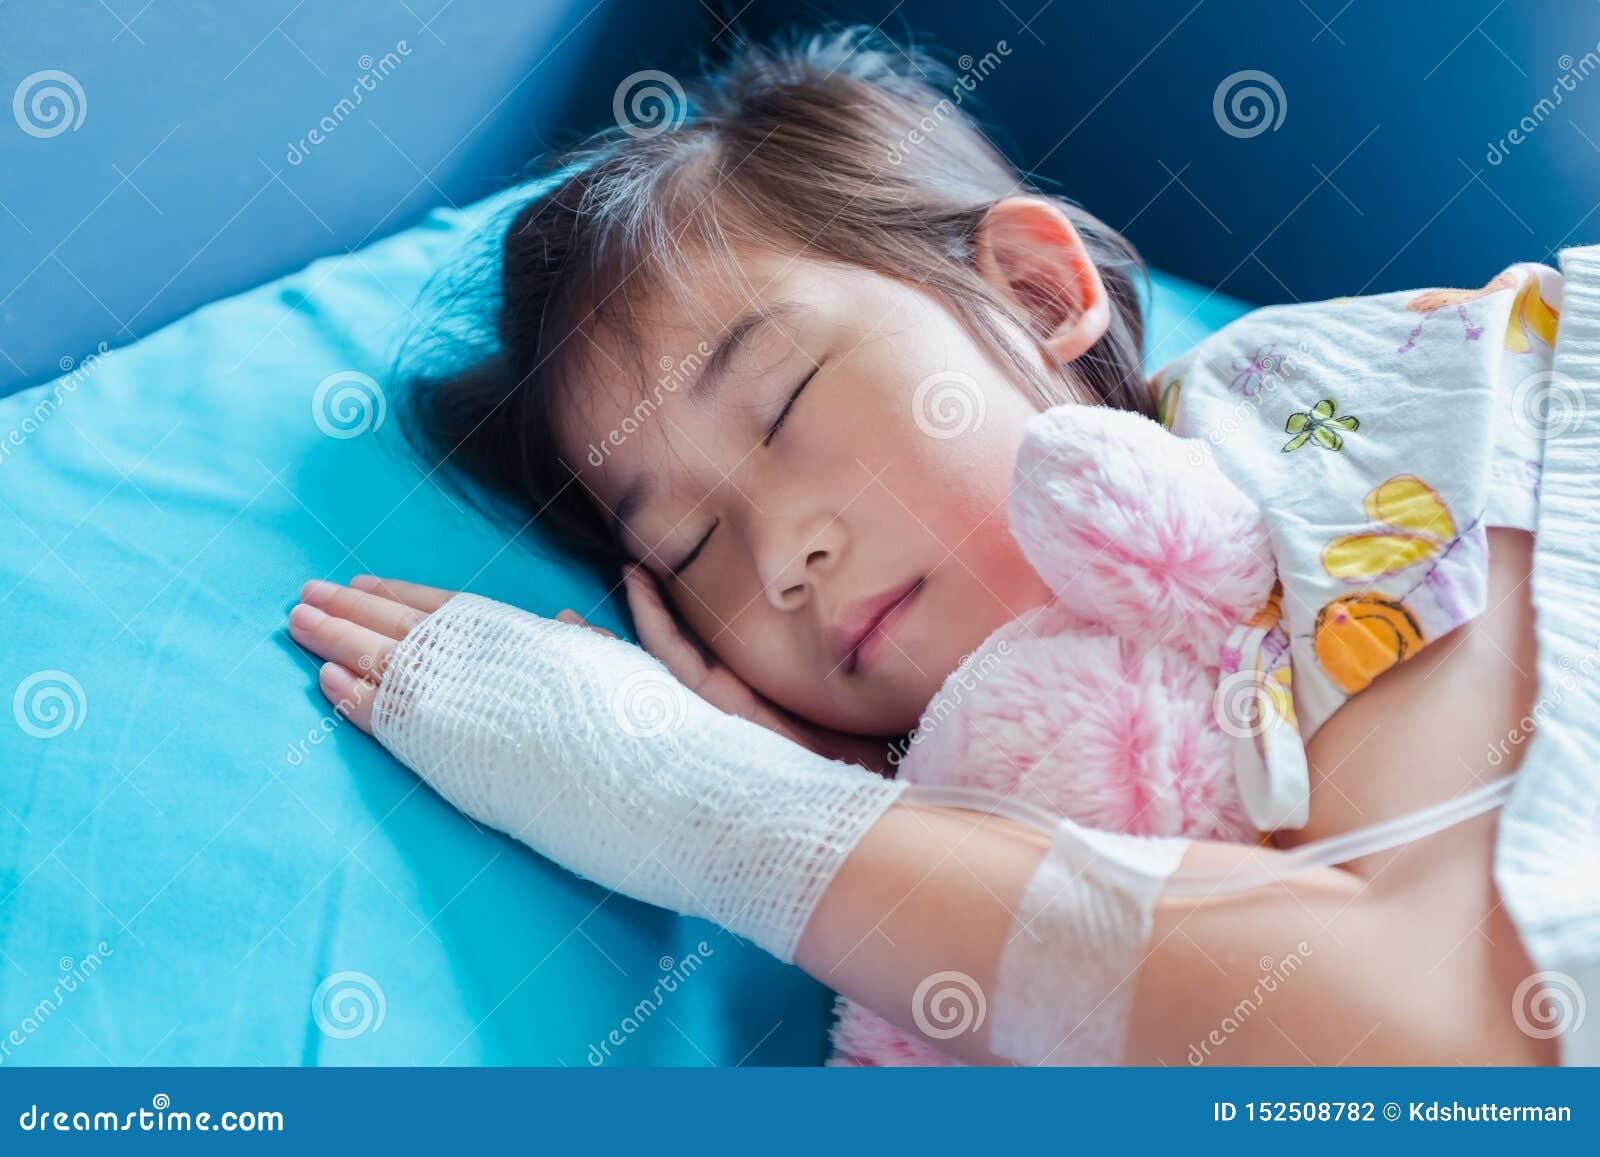 A crian?a asi?tica da doen?a admitiu no hospital com intravenoso salino dispon?vel